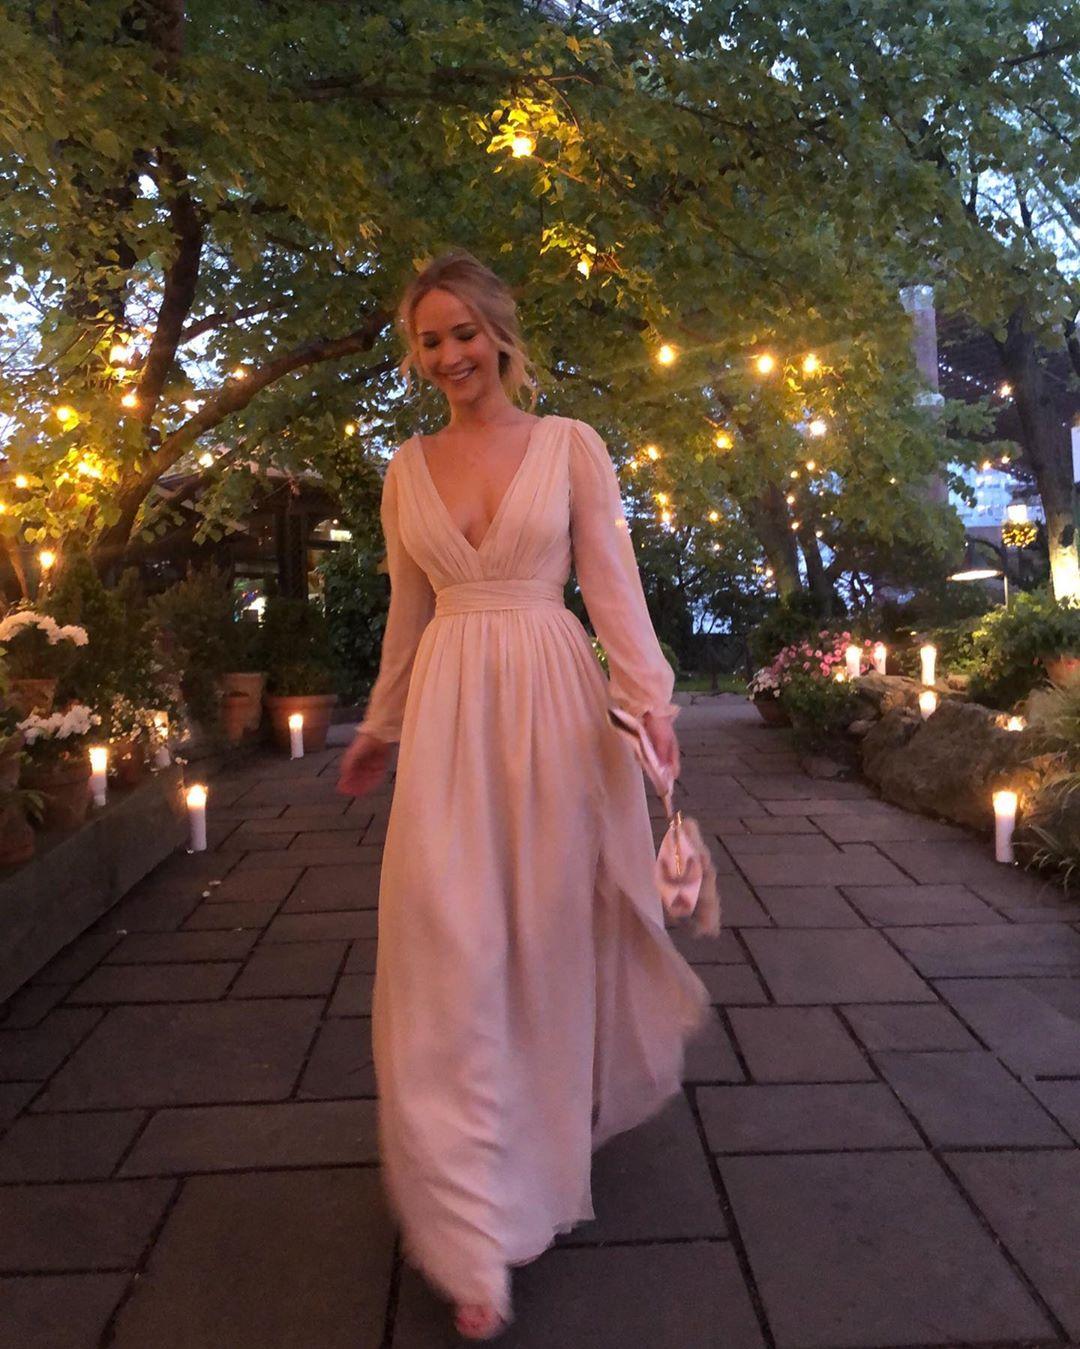 Дженнифер Лоуренс с женихом отпраздновали свою помолвку-Фото 1